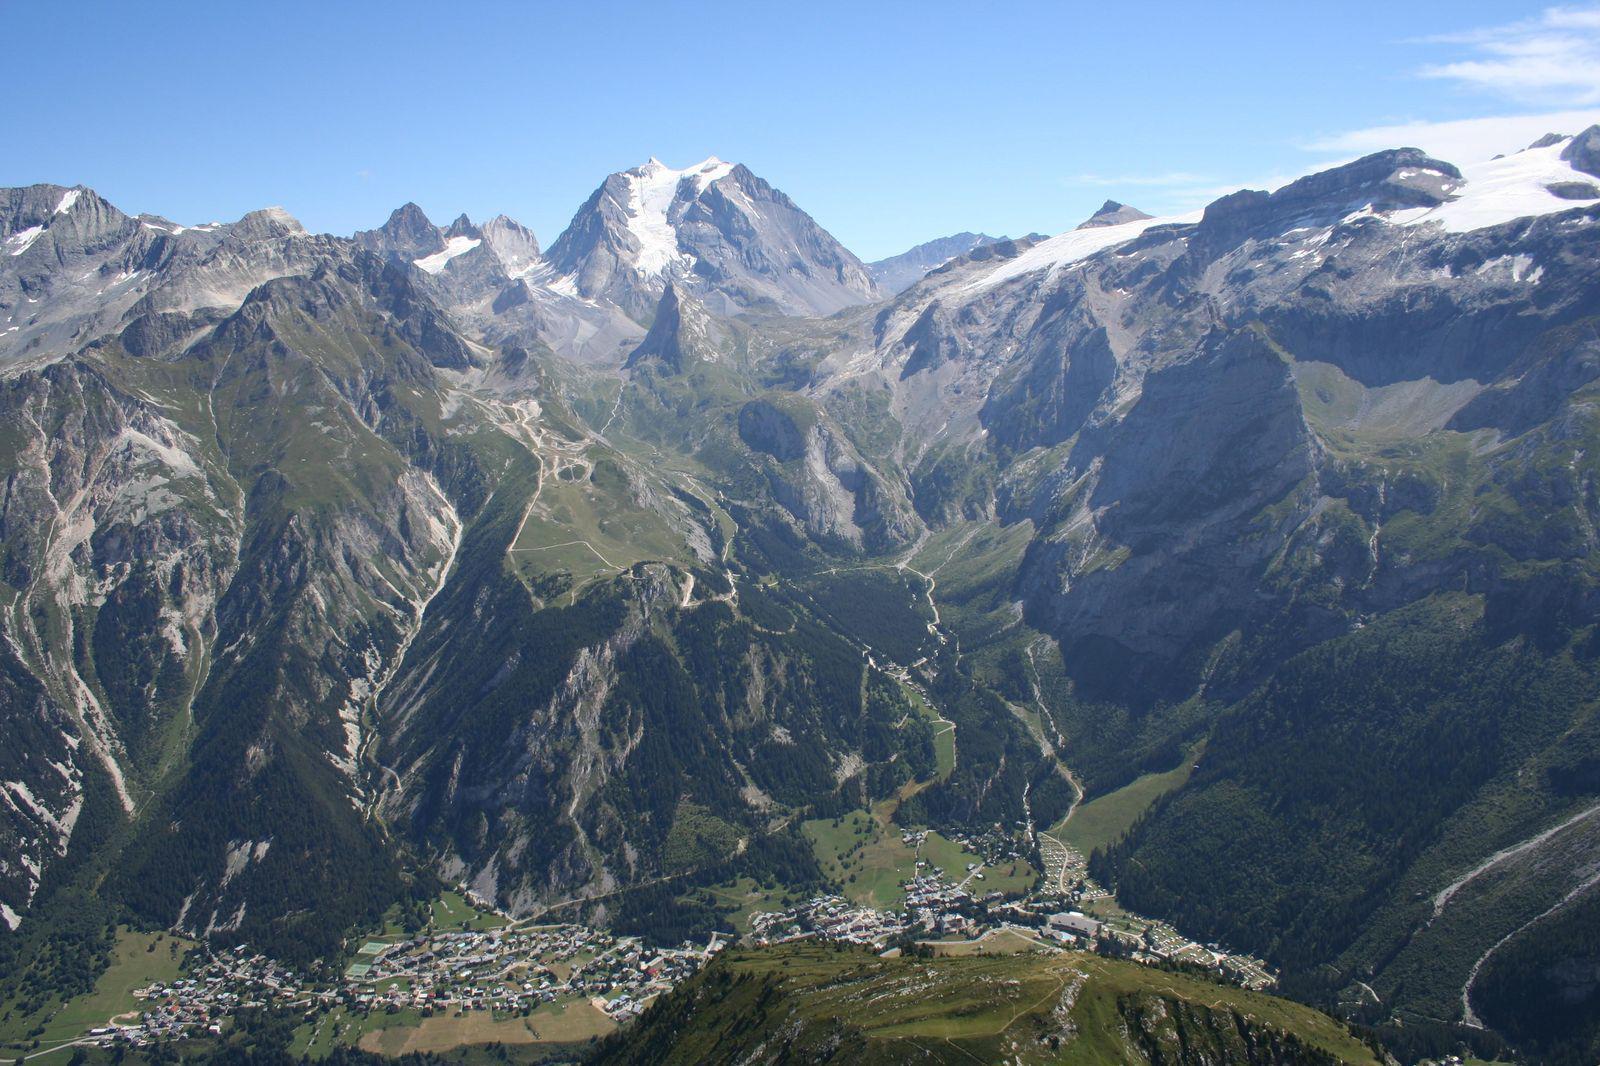 Pralognan-la-Vanoise